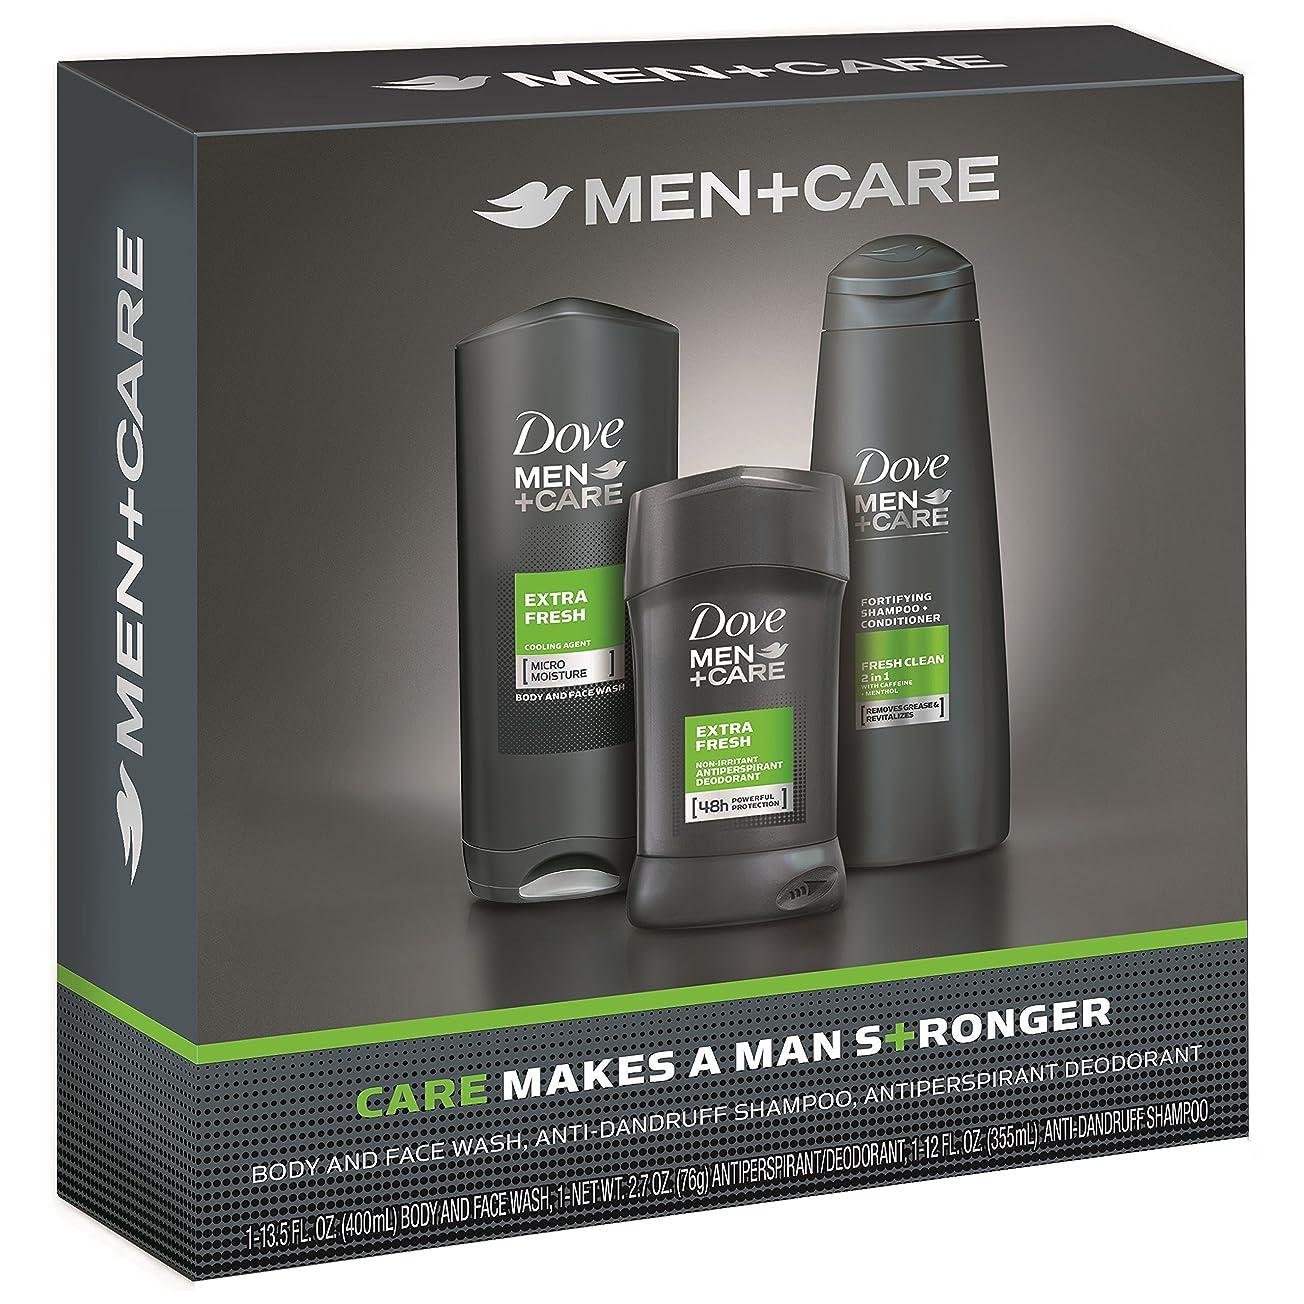 幻滅する代名詞激怒Dove Men+Care Gift Pack Extra Fresh ダブ メンプラスケア ギフトパック エクストラフレッシュ